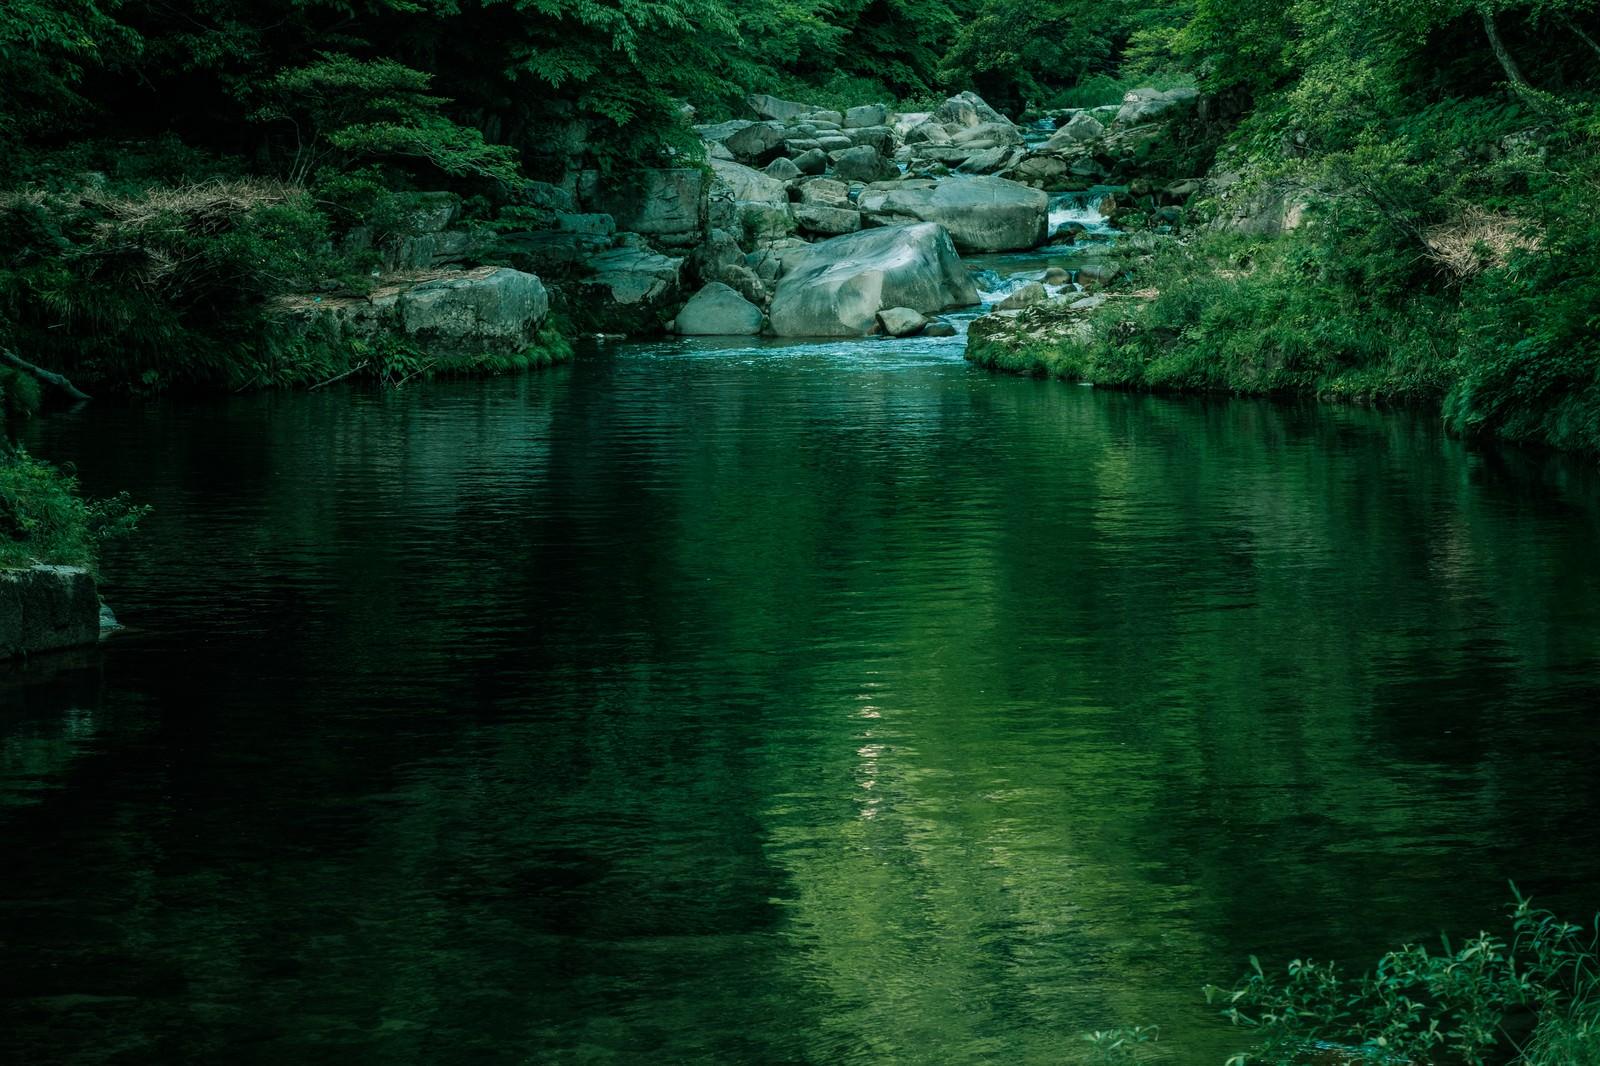 「静寂な奥津渓の景観」の写真